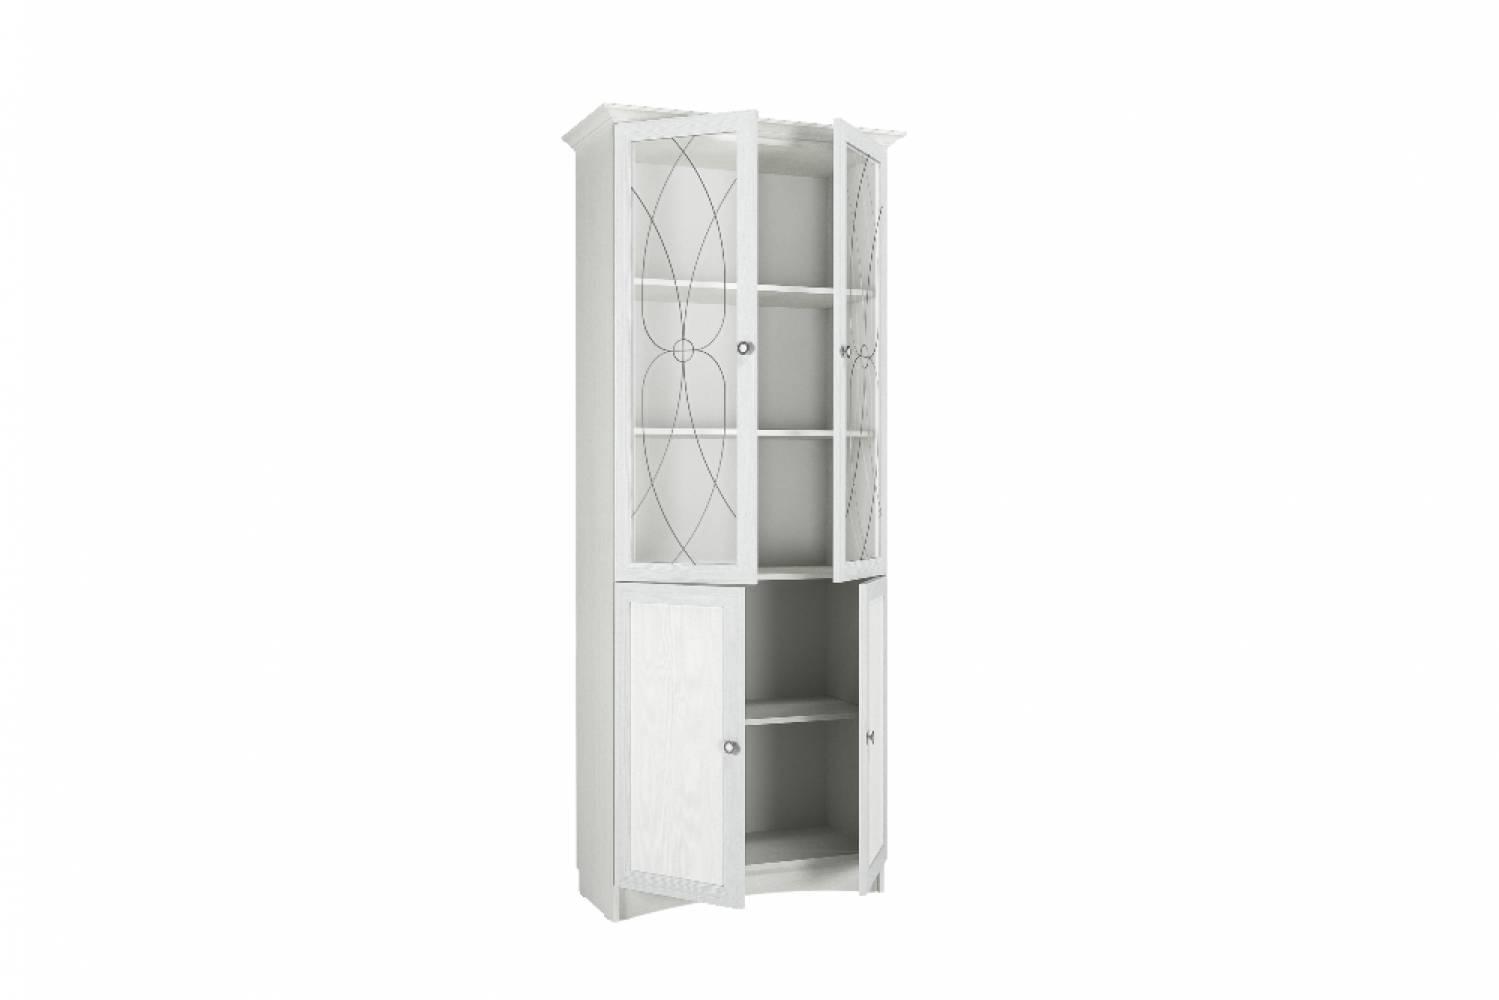 Шкаф комбинированный НМ 009.23 М1 ПРОВАНС